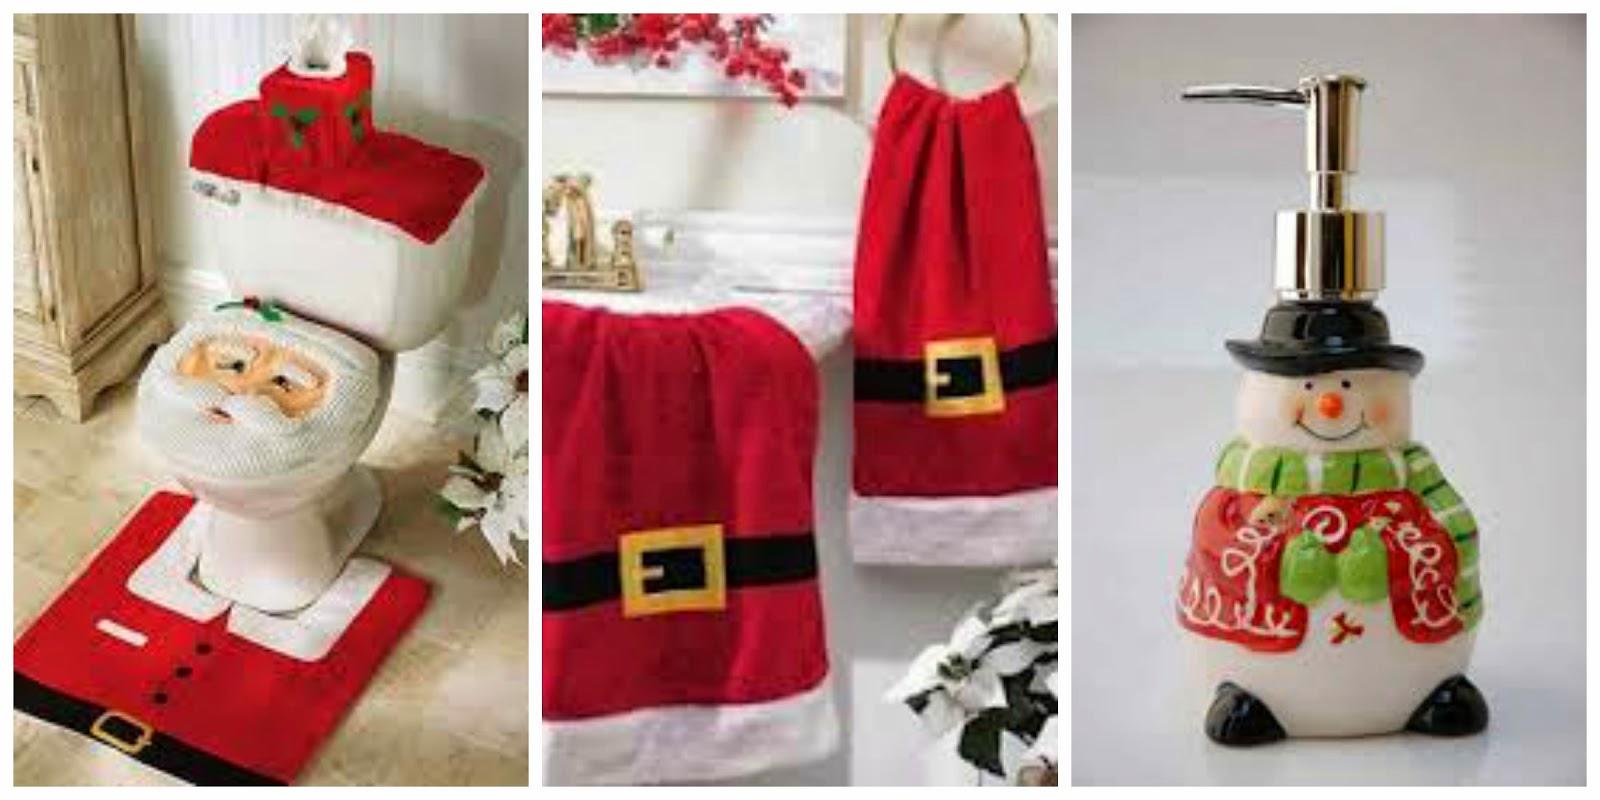 Painel de Inspirações: Decoração de Natal #B71422 1600 800